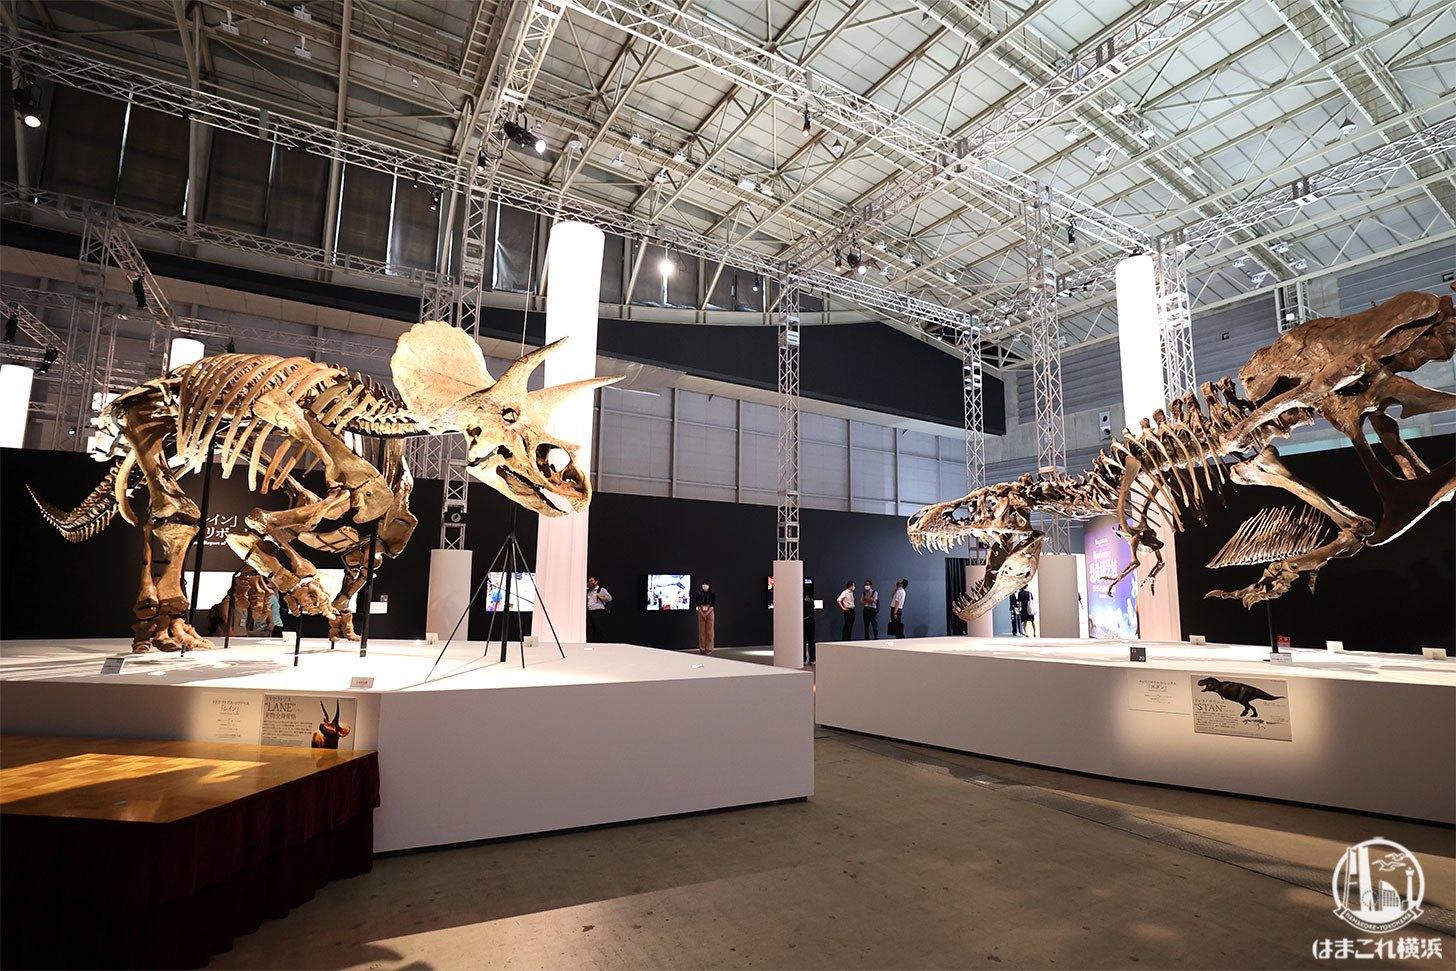 トリケラトプス「レイン」とティラノサウル「スタン」